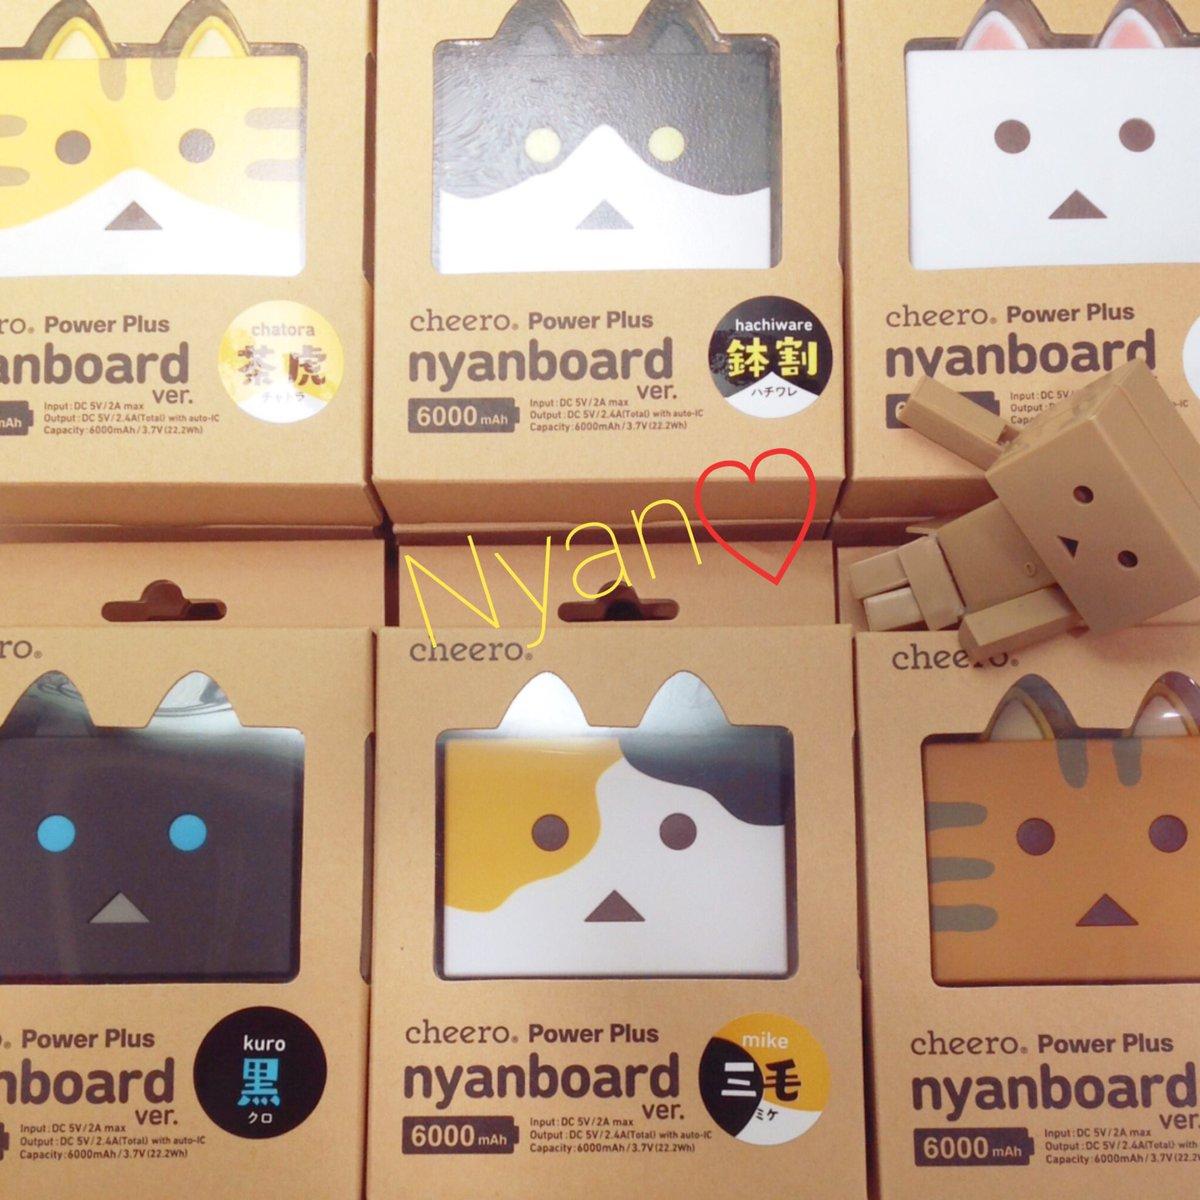 にゃんと❗️#nyanboard が入荷しにゃした😘 #にゃんぼー! #ダンボー #バッテリー #にゃんぼーど #よつば